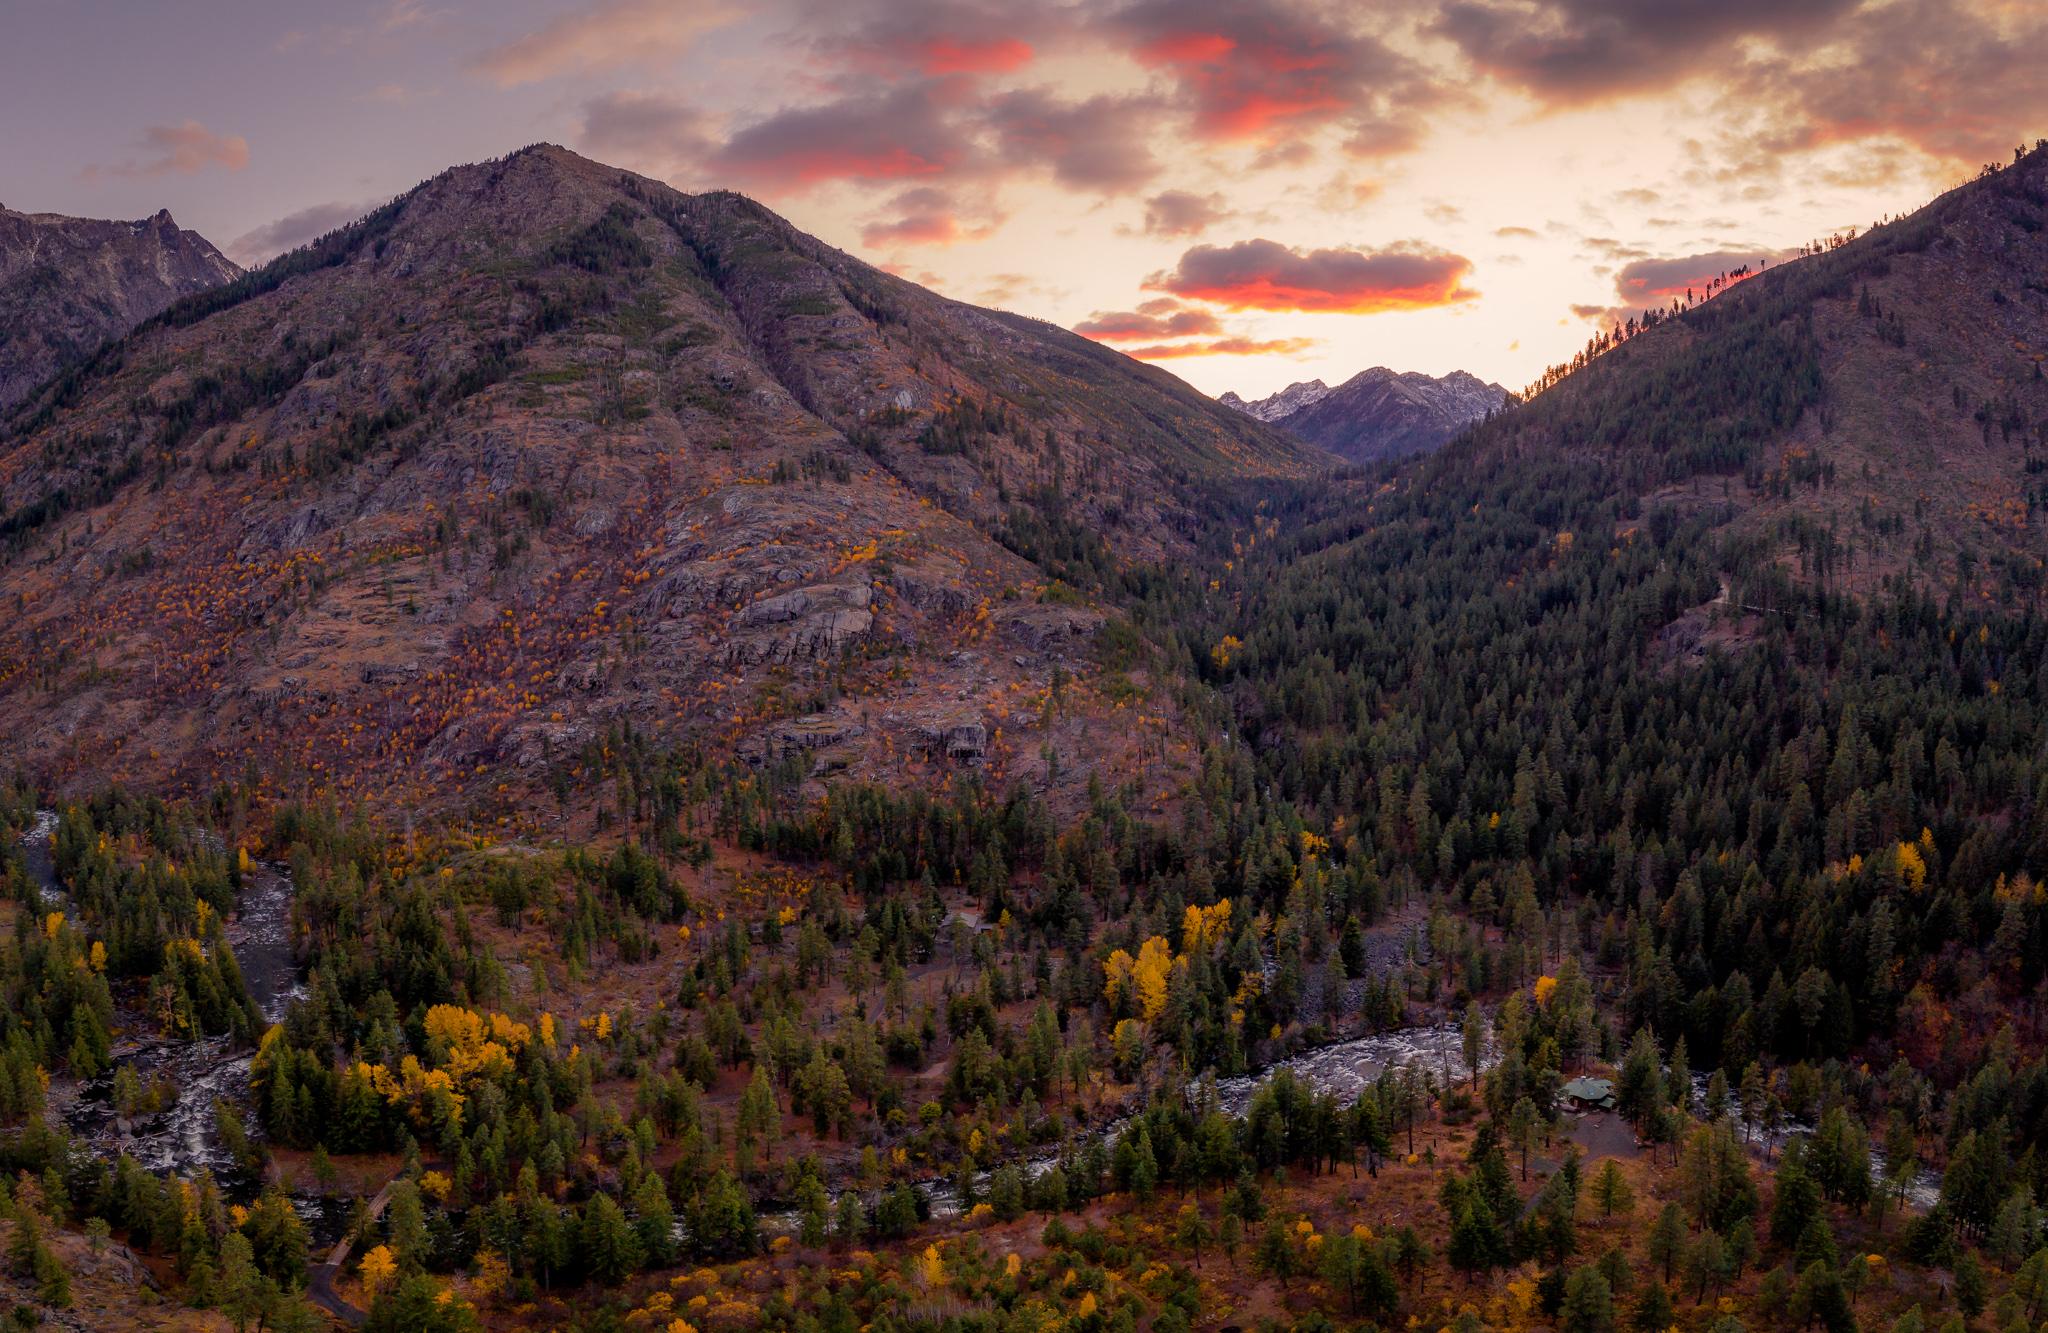 Panorama from Above (Taken on DJI Mavic 2 Pro)